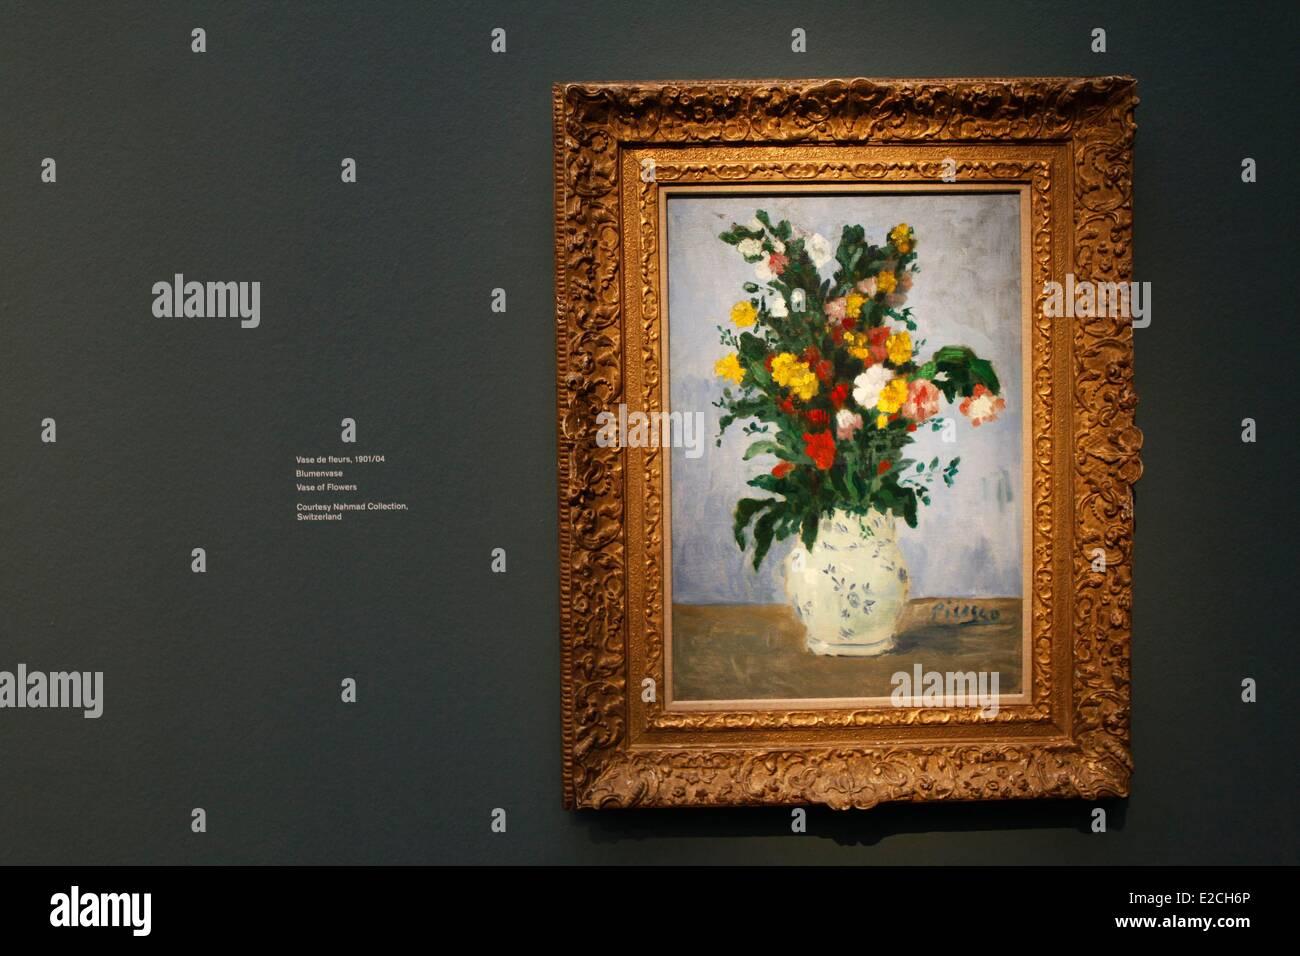 Svizzera, Zurigo, il Kunsthaus Art Museum, Picasso, ispirato alla prima mostra nel 1932 Immagini Stock